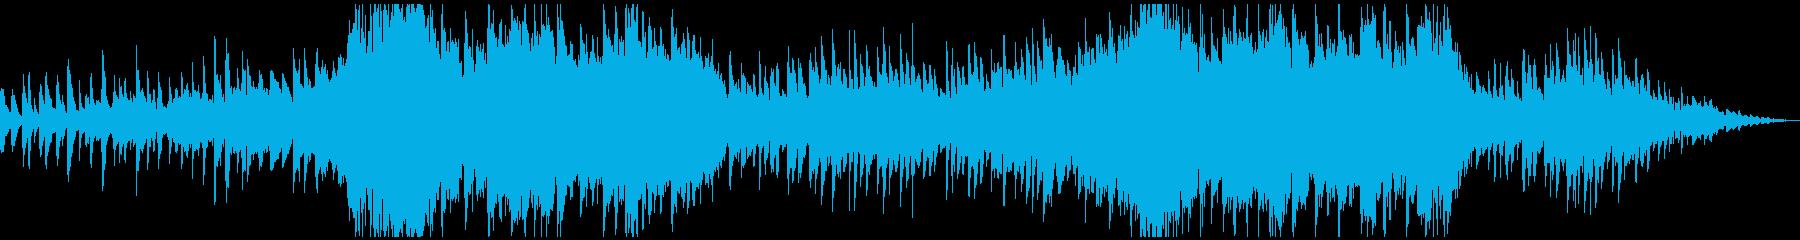 ピアノとガットギターのデュオの再生済みの波形